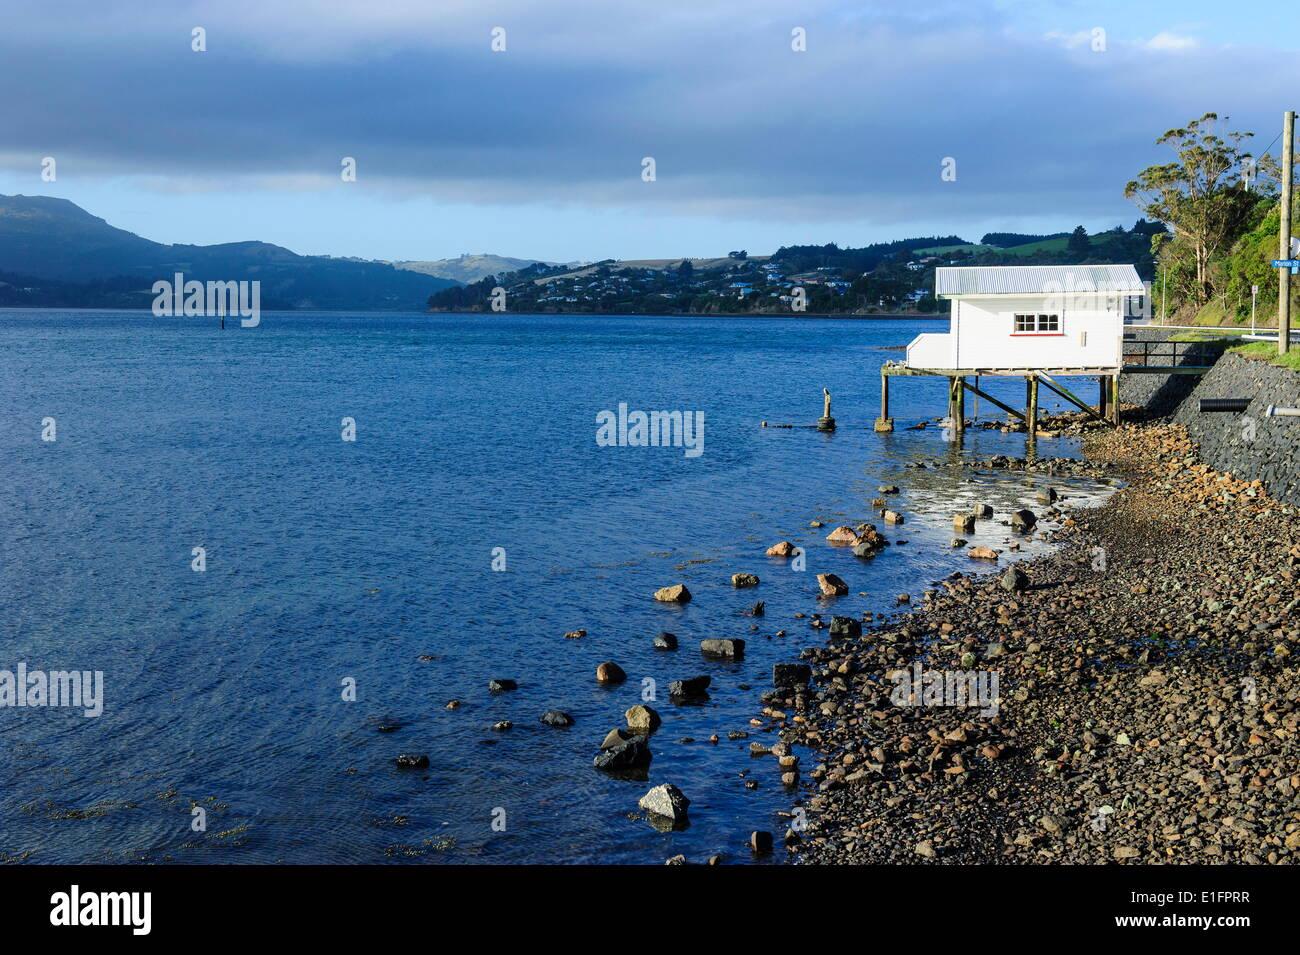 Petit chalet de pêche sur une plage rocheuse, péninsule d'Otago, Otago, île du Sud, Nouvelle-Zélande, Pacifique Photo Stock